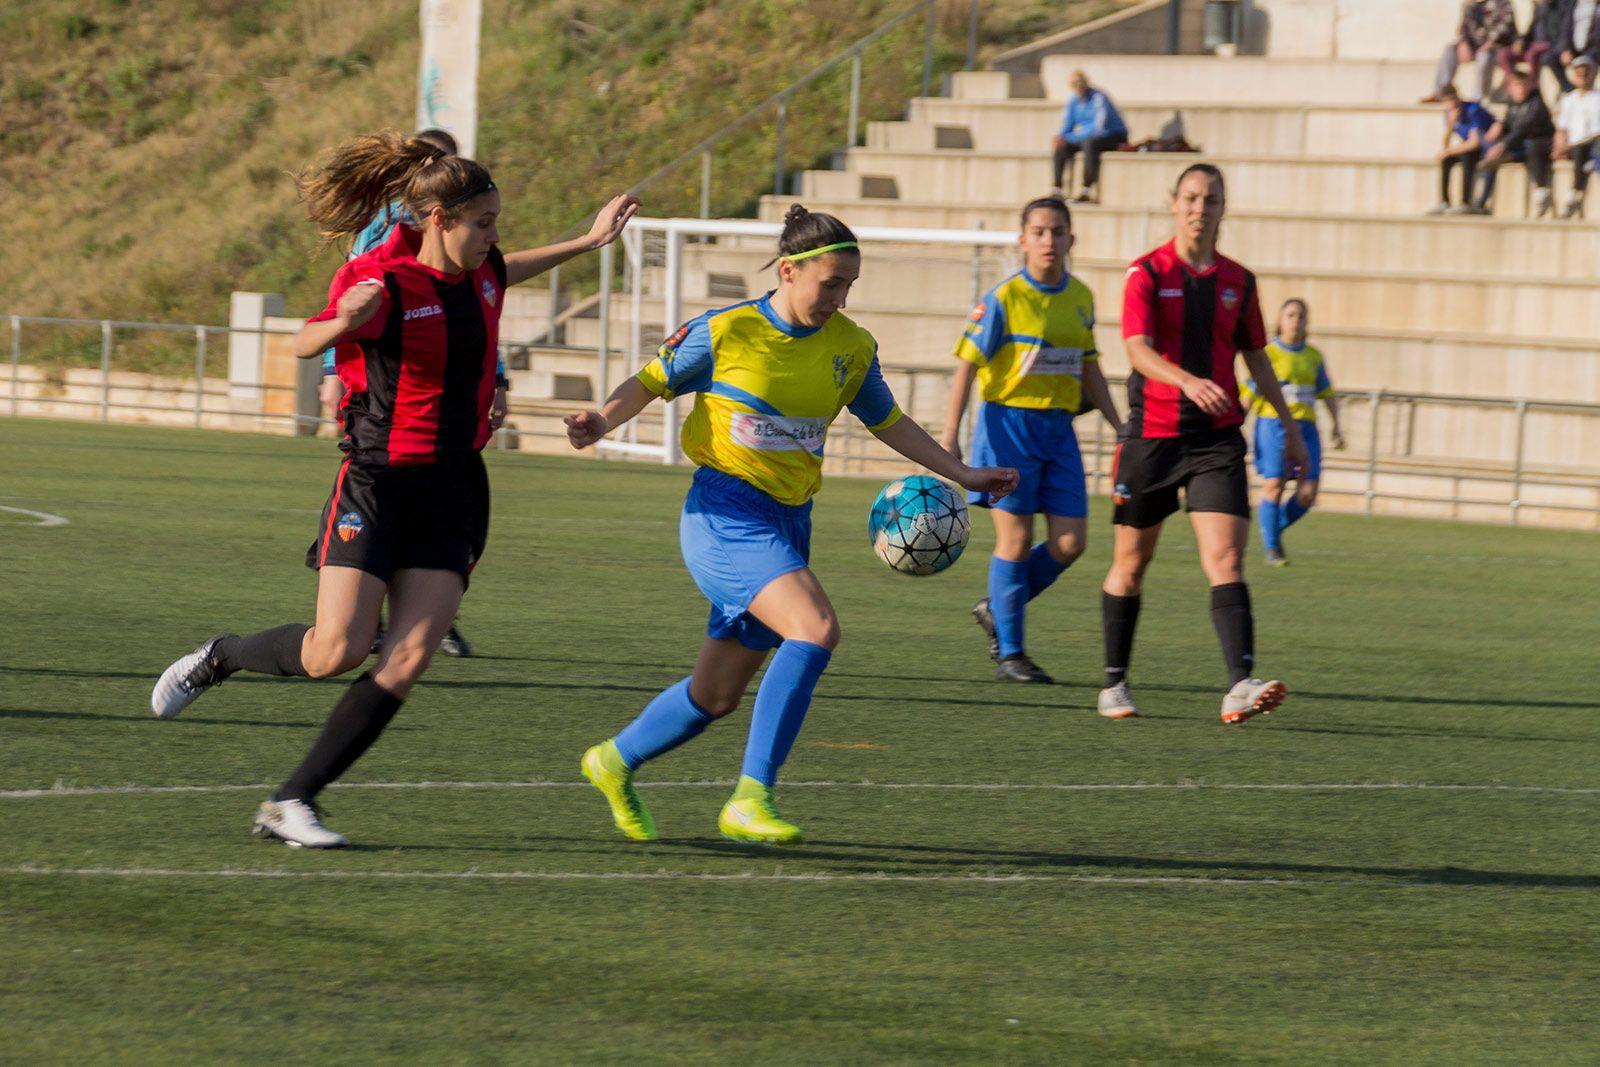 Partit de lliga Sant Cugat FC - CD Fontsana-Fatjó. FOTO: Paula Galván